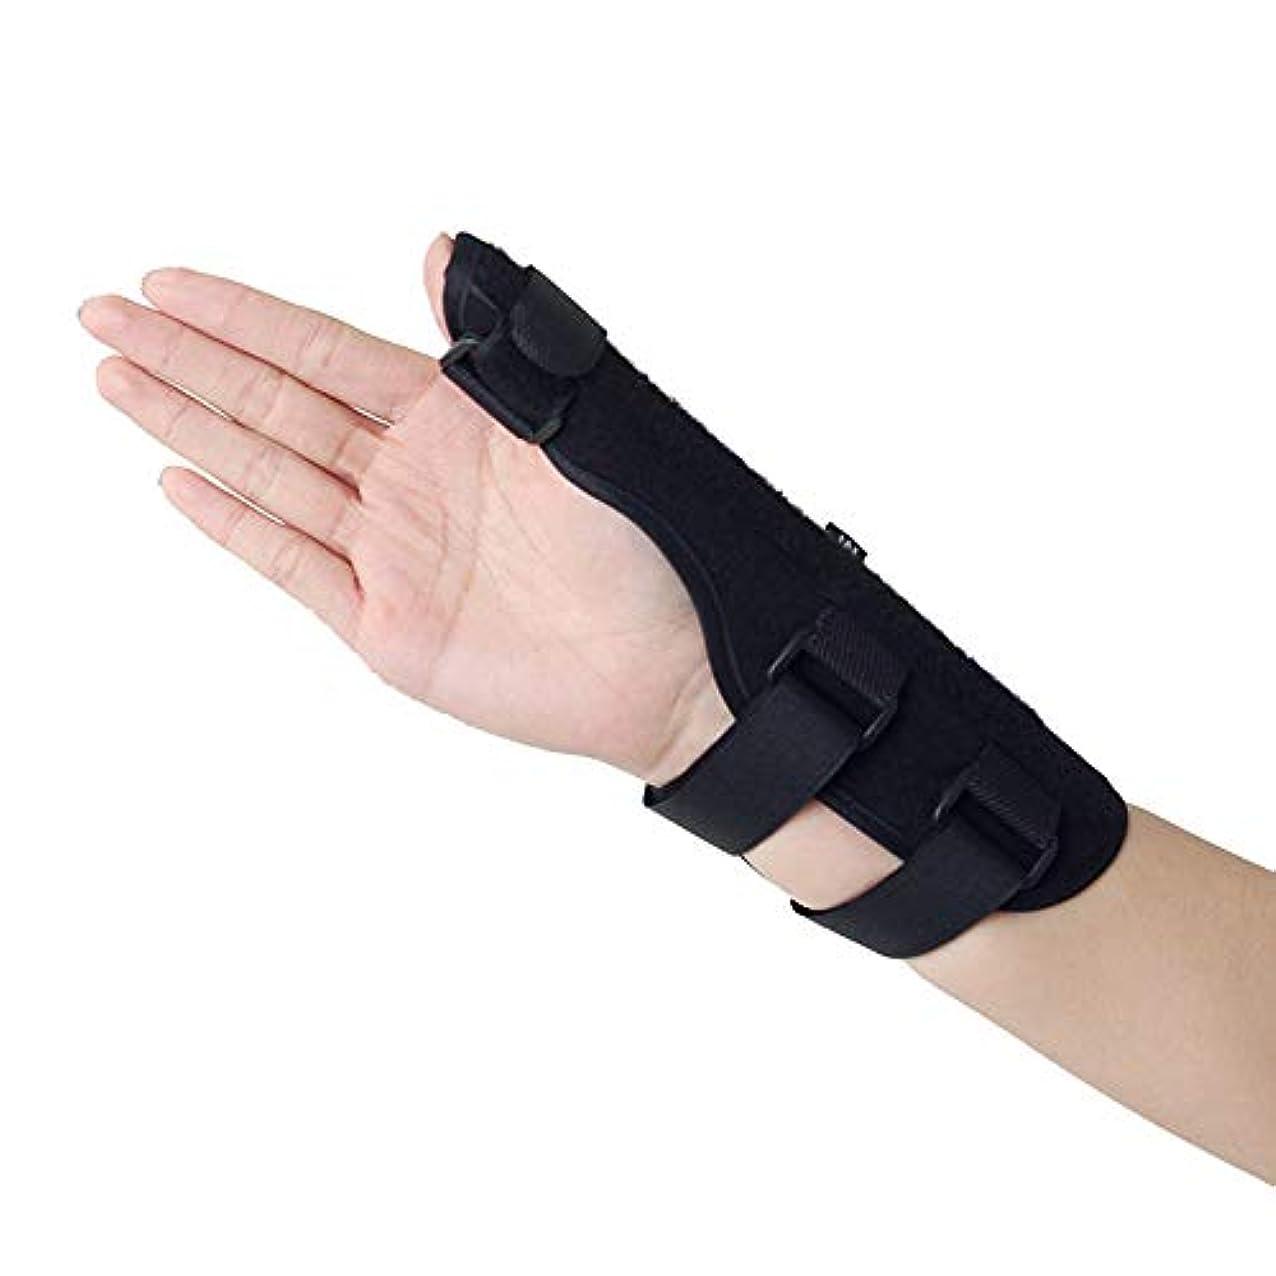 取得代表して市町村親指サポート、手首サポート、関節炎、関節痛、腱炎、捻rain、手の不安定性イモビライザーに最適軽量で通気性